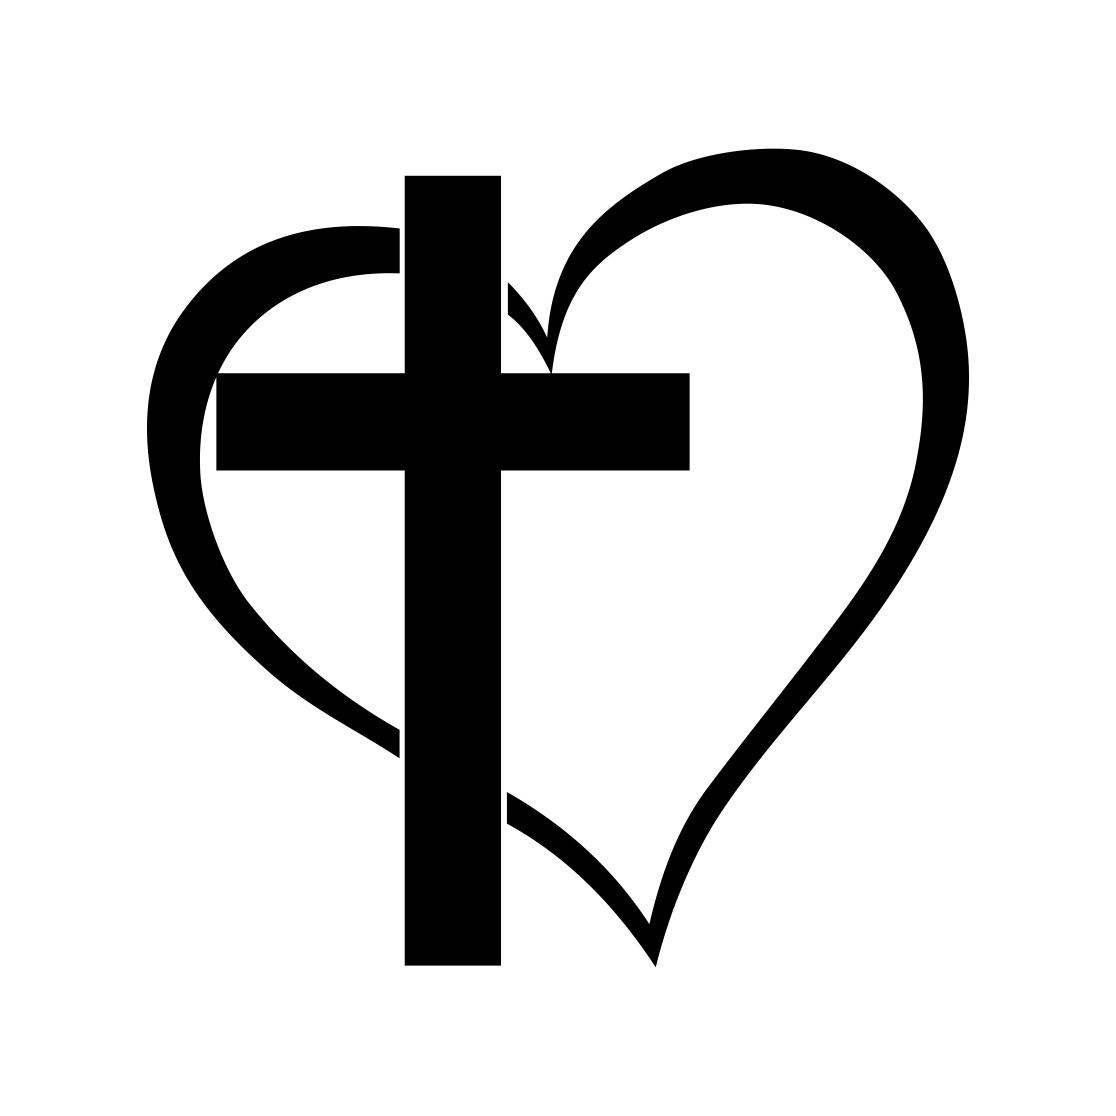 Download Cross Heart Jesus God Heart Love graphics by vectordesign ...